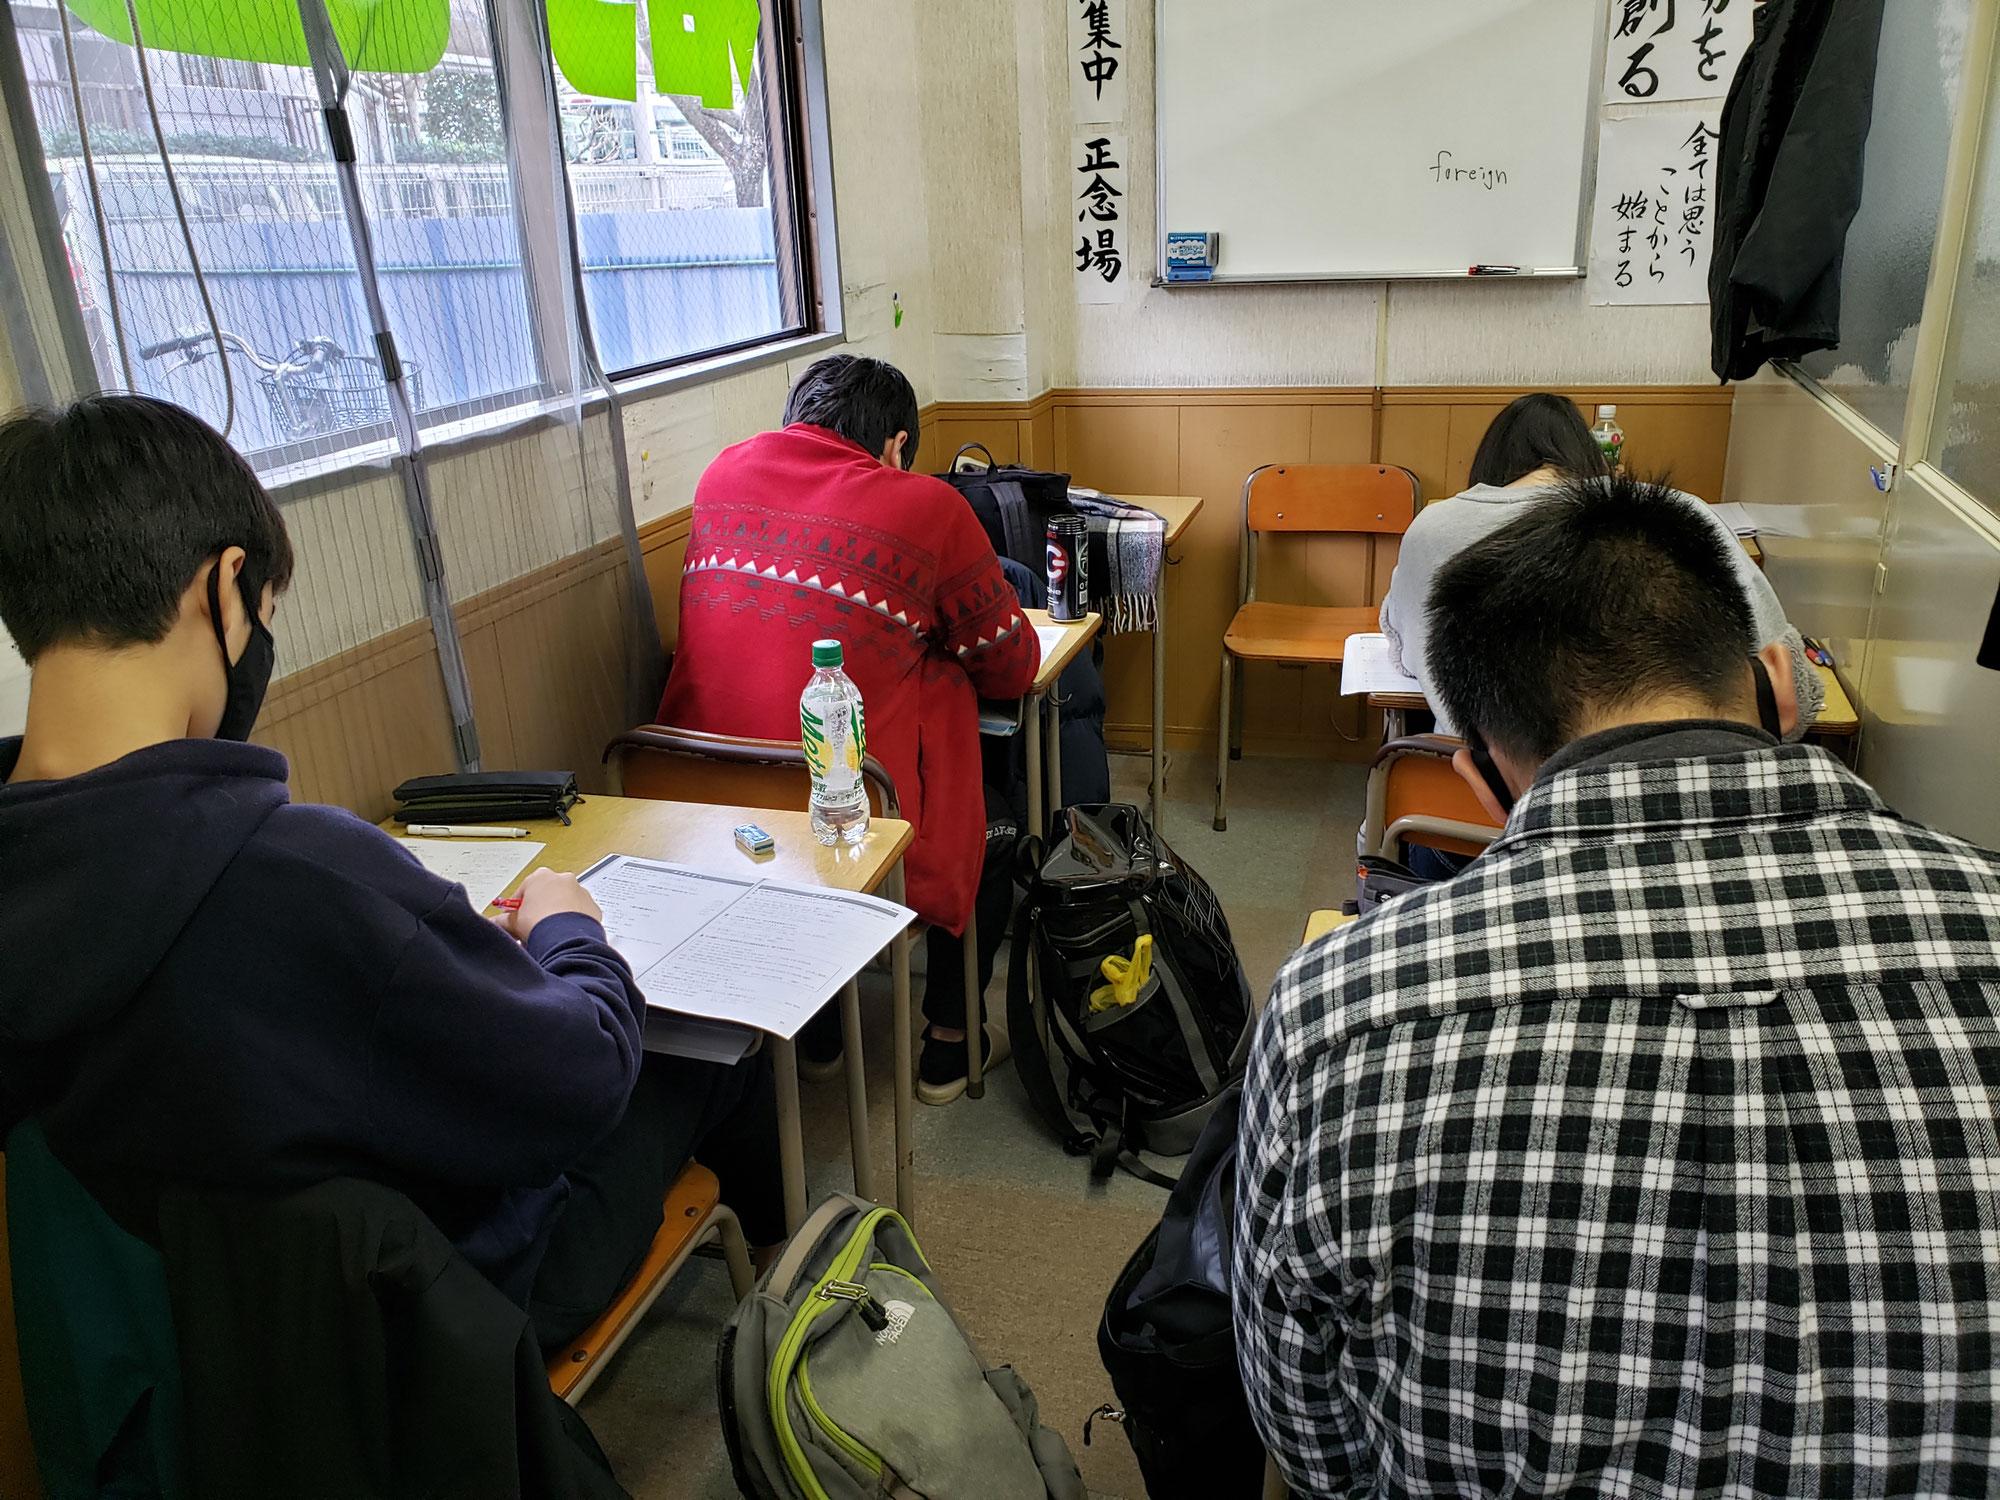 冬期講習で「勉強方法と学習習慣を身につけよう」(12/30から1/3までお休みになります)